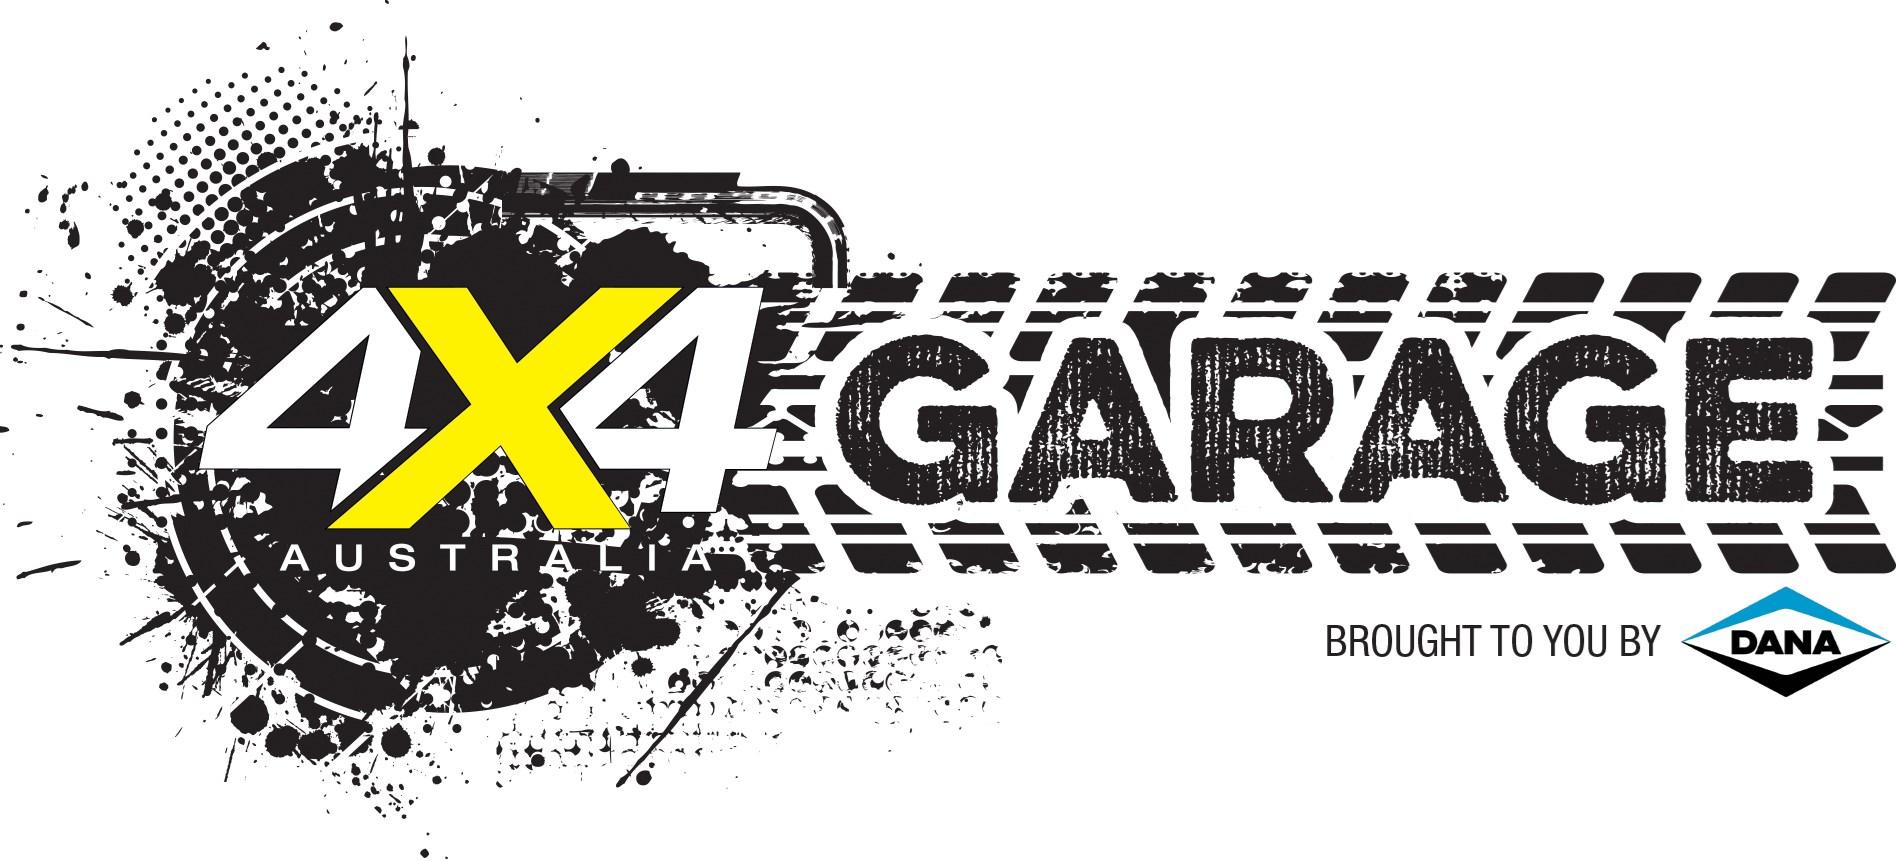 4x4 garage 4x4 australia for Garage 4x4 ardeche